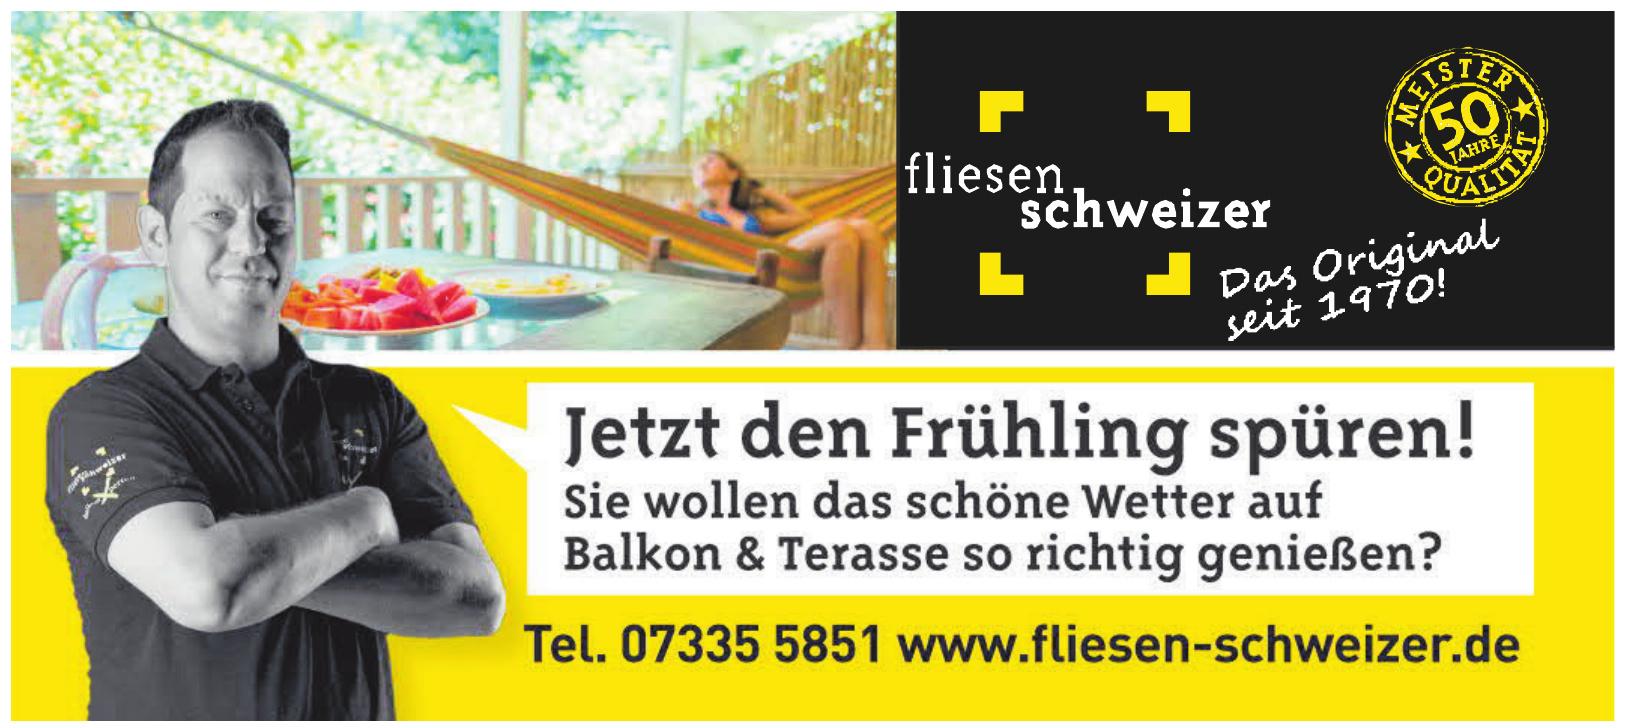 Fliesen Schweizer